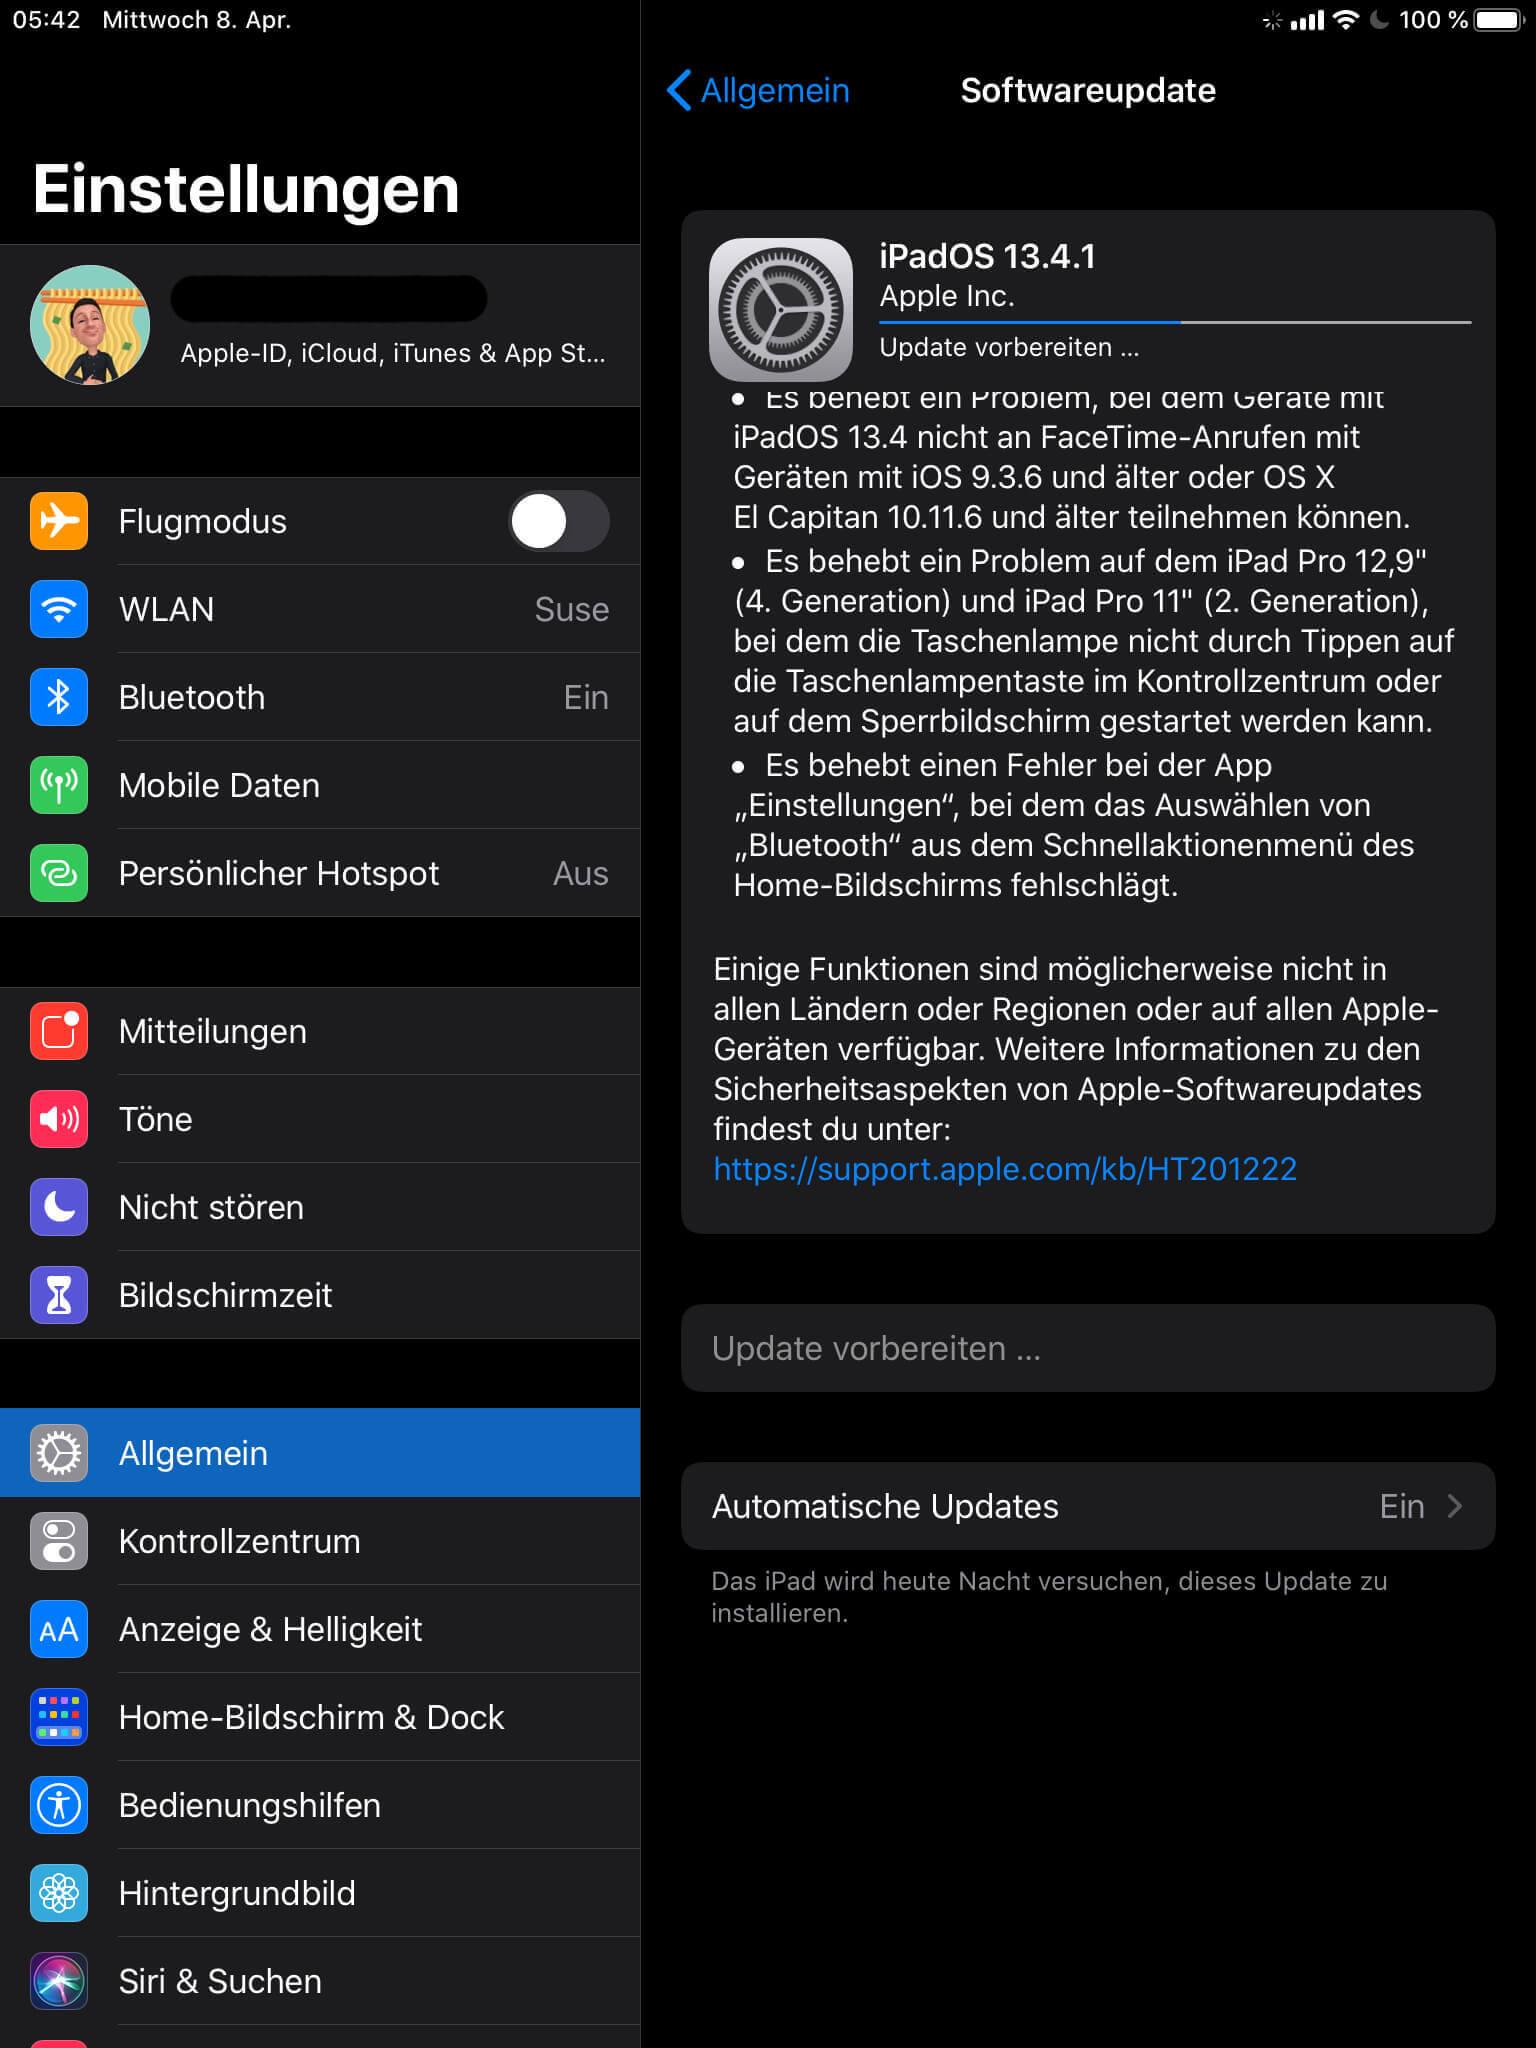 iOS 13.4.1 ist da, FaceTime-Problem ist weg 2 techboys.de • smarte News, auf den Punkt! iOS 13.4.1 ist da, FaceTime-Problem ist weg